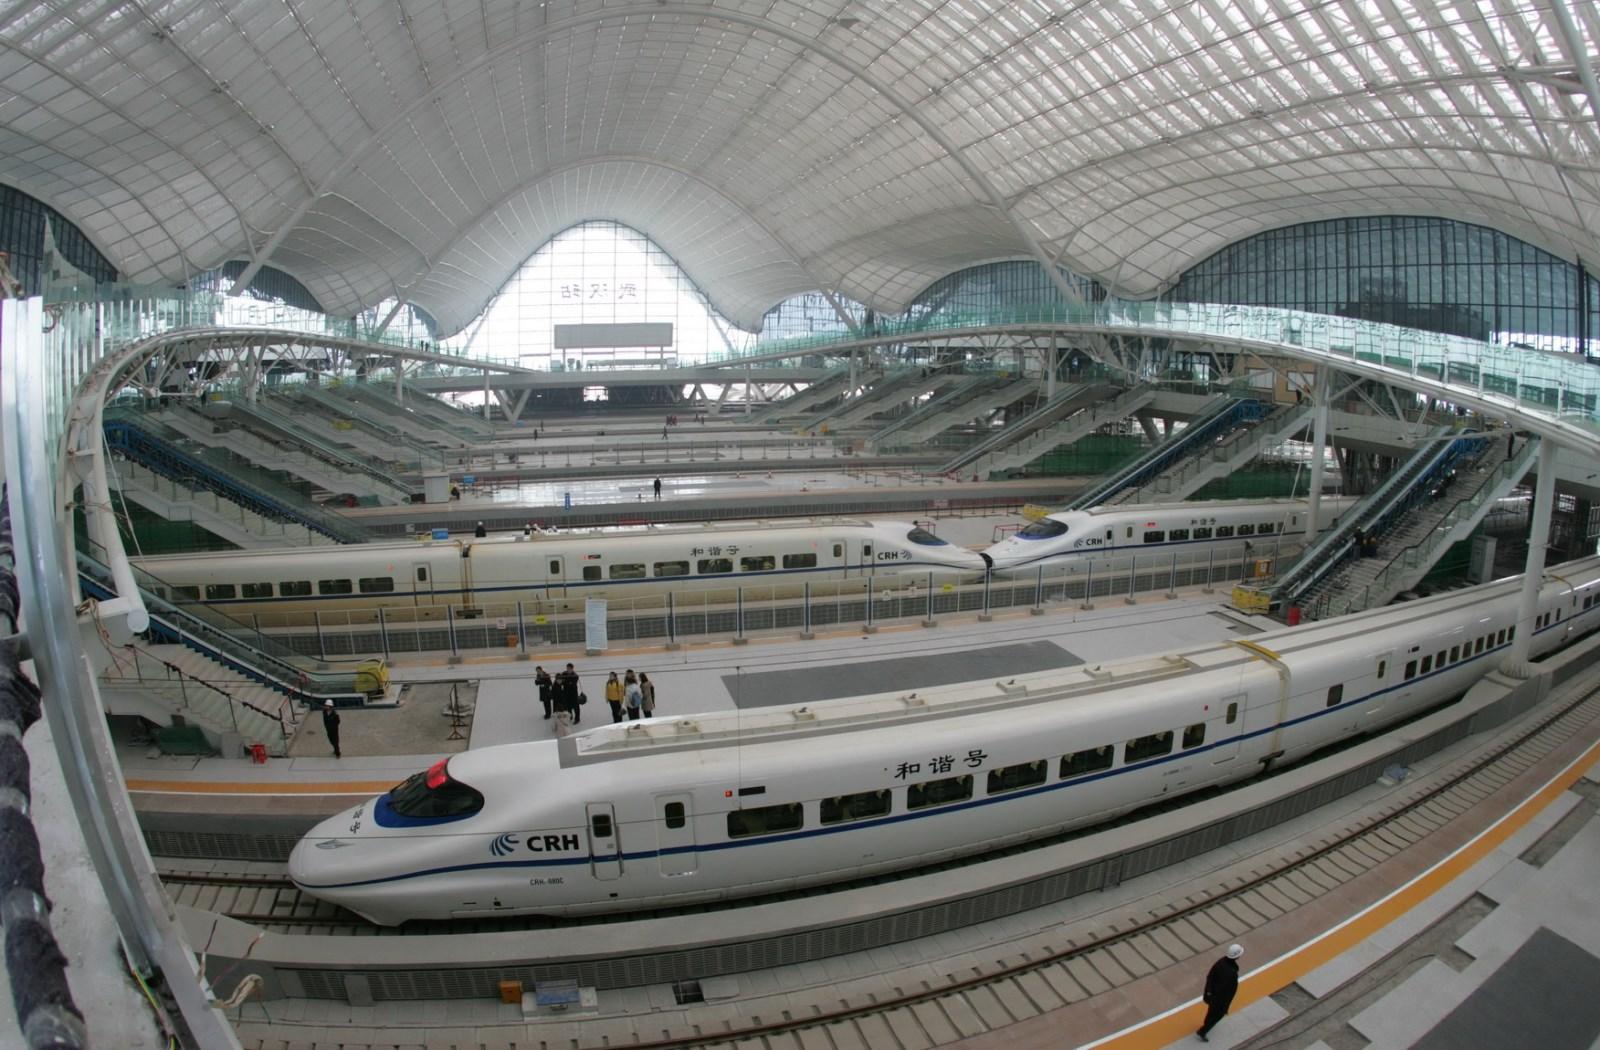 Estaci 243 N De Wuhan Megaconstrucciones Extreme Engineering